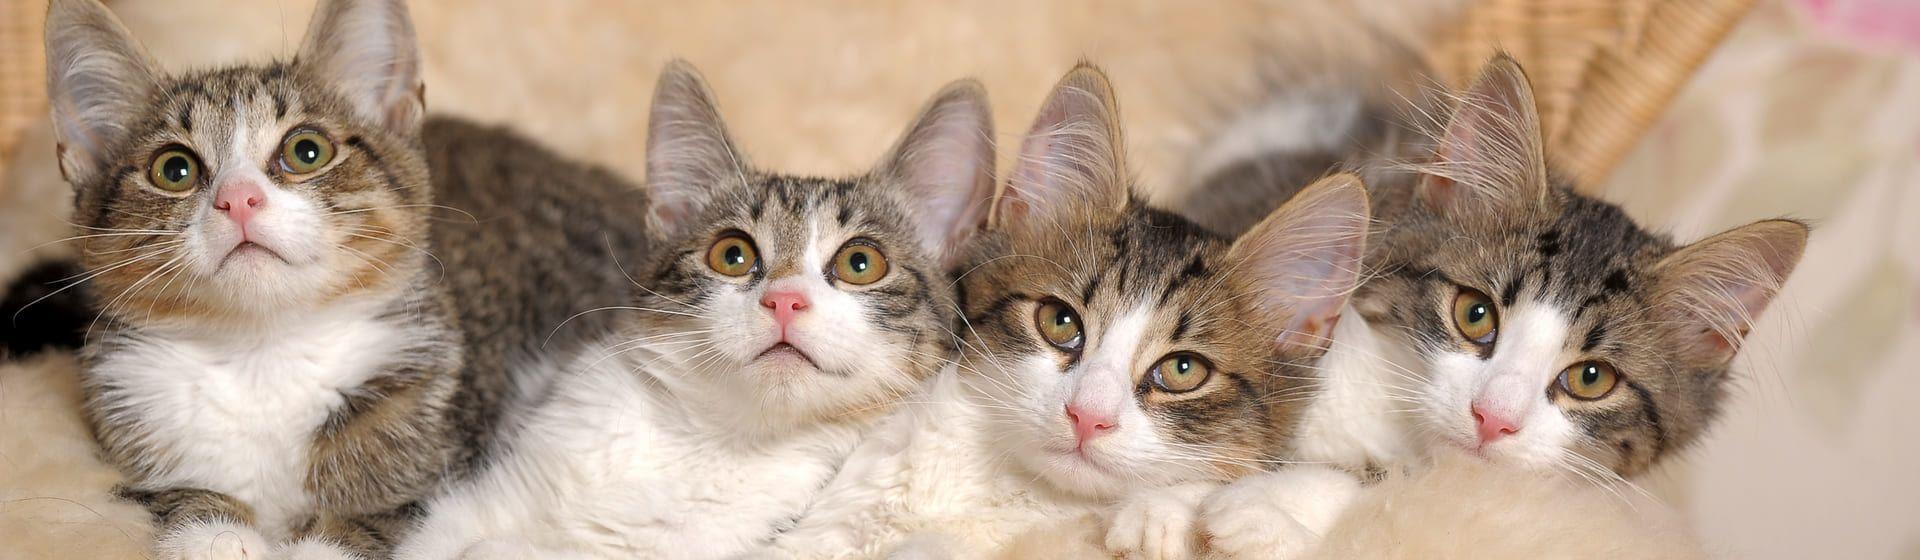 Enxoval para gato: o que é preciso para ter um gato?